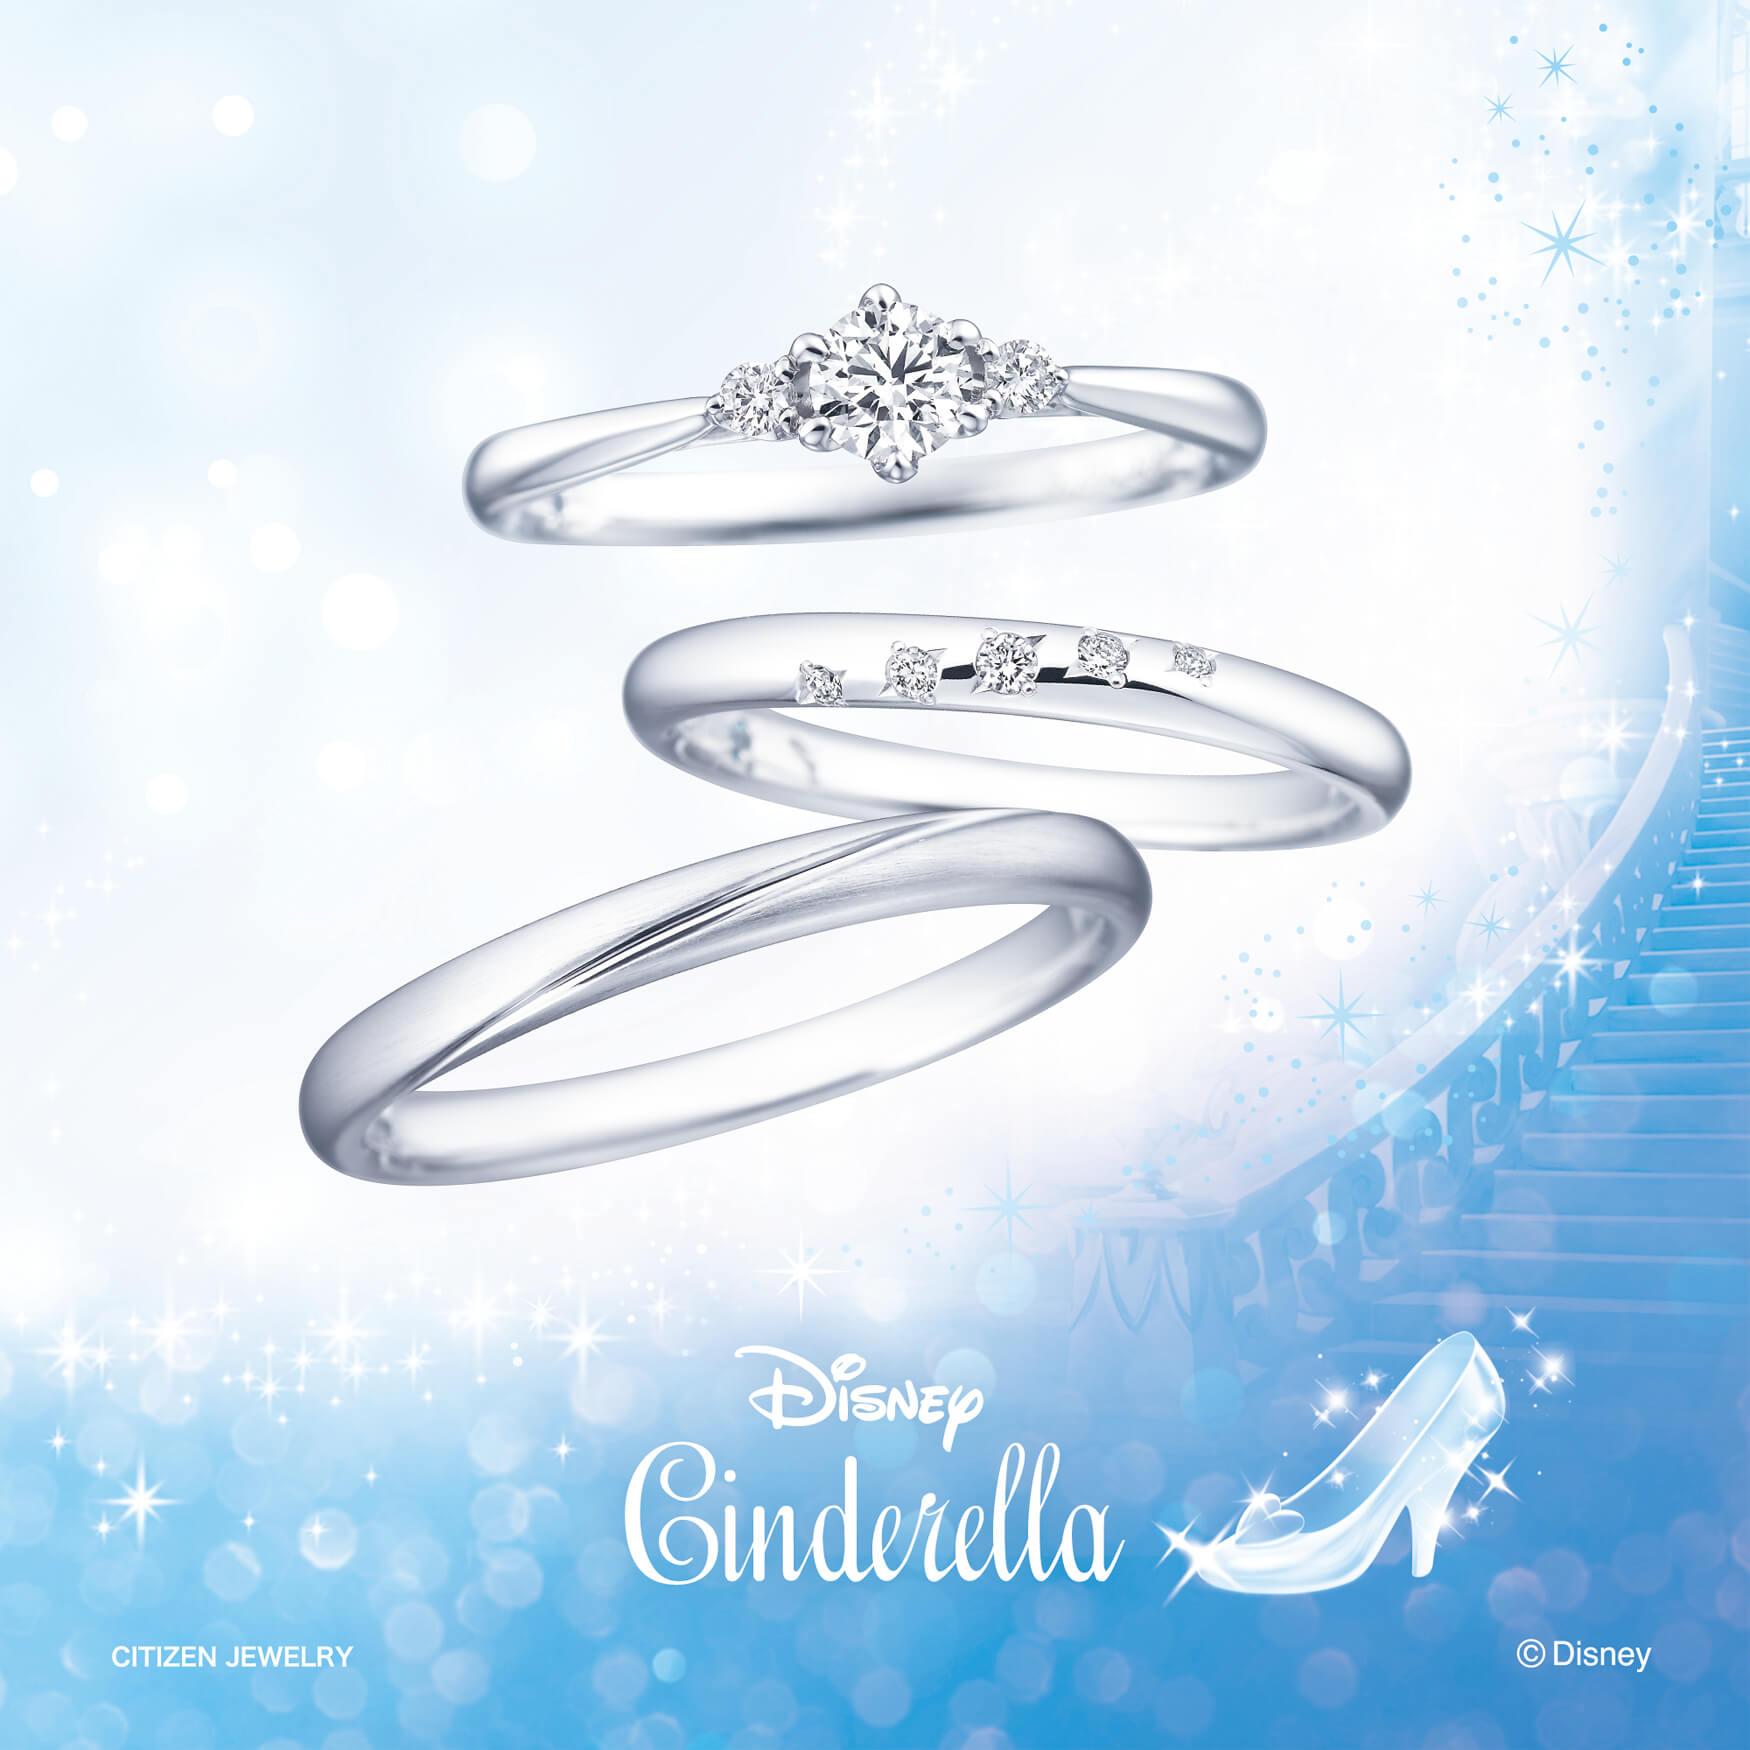 銀座・柏・直方の結婚指輪Disney Cinderella(ディズニーシンデレラ)_02